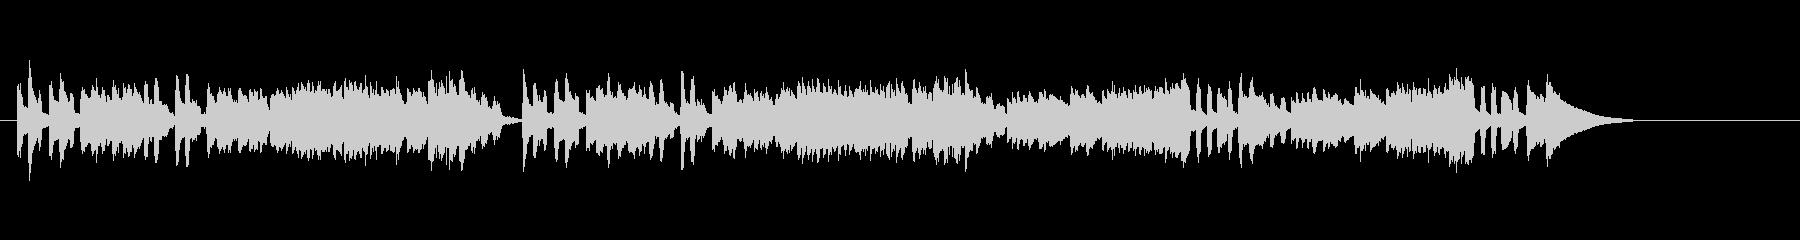 バロック音楽風ほのぼのチェンバロの未再生の波形